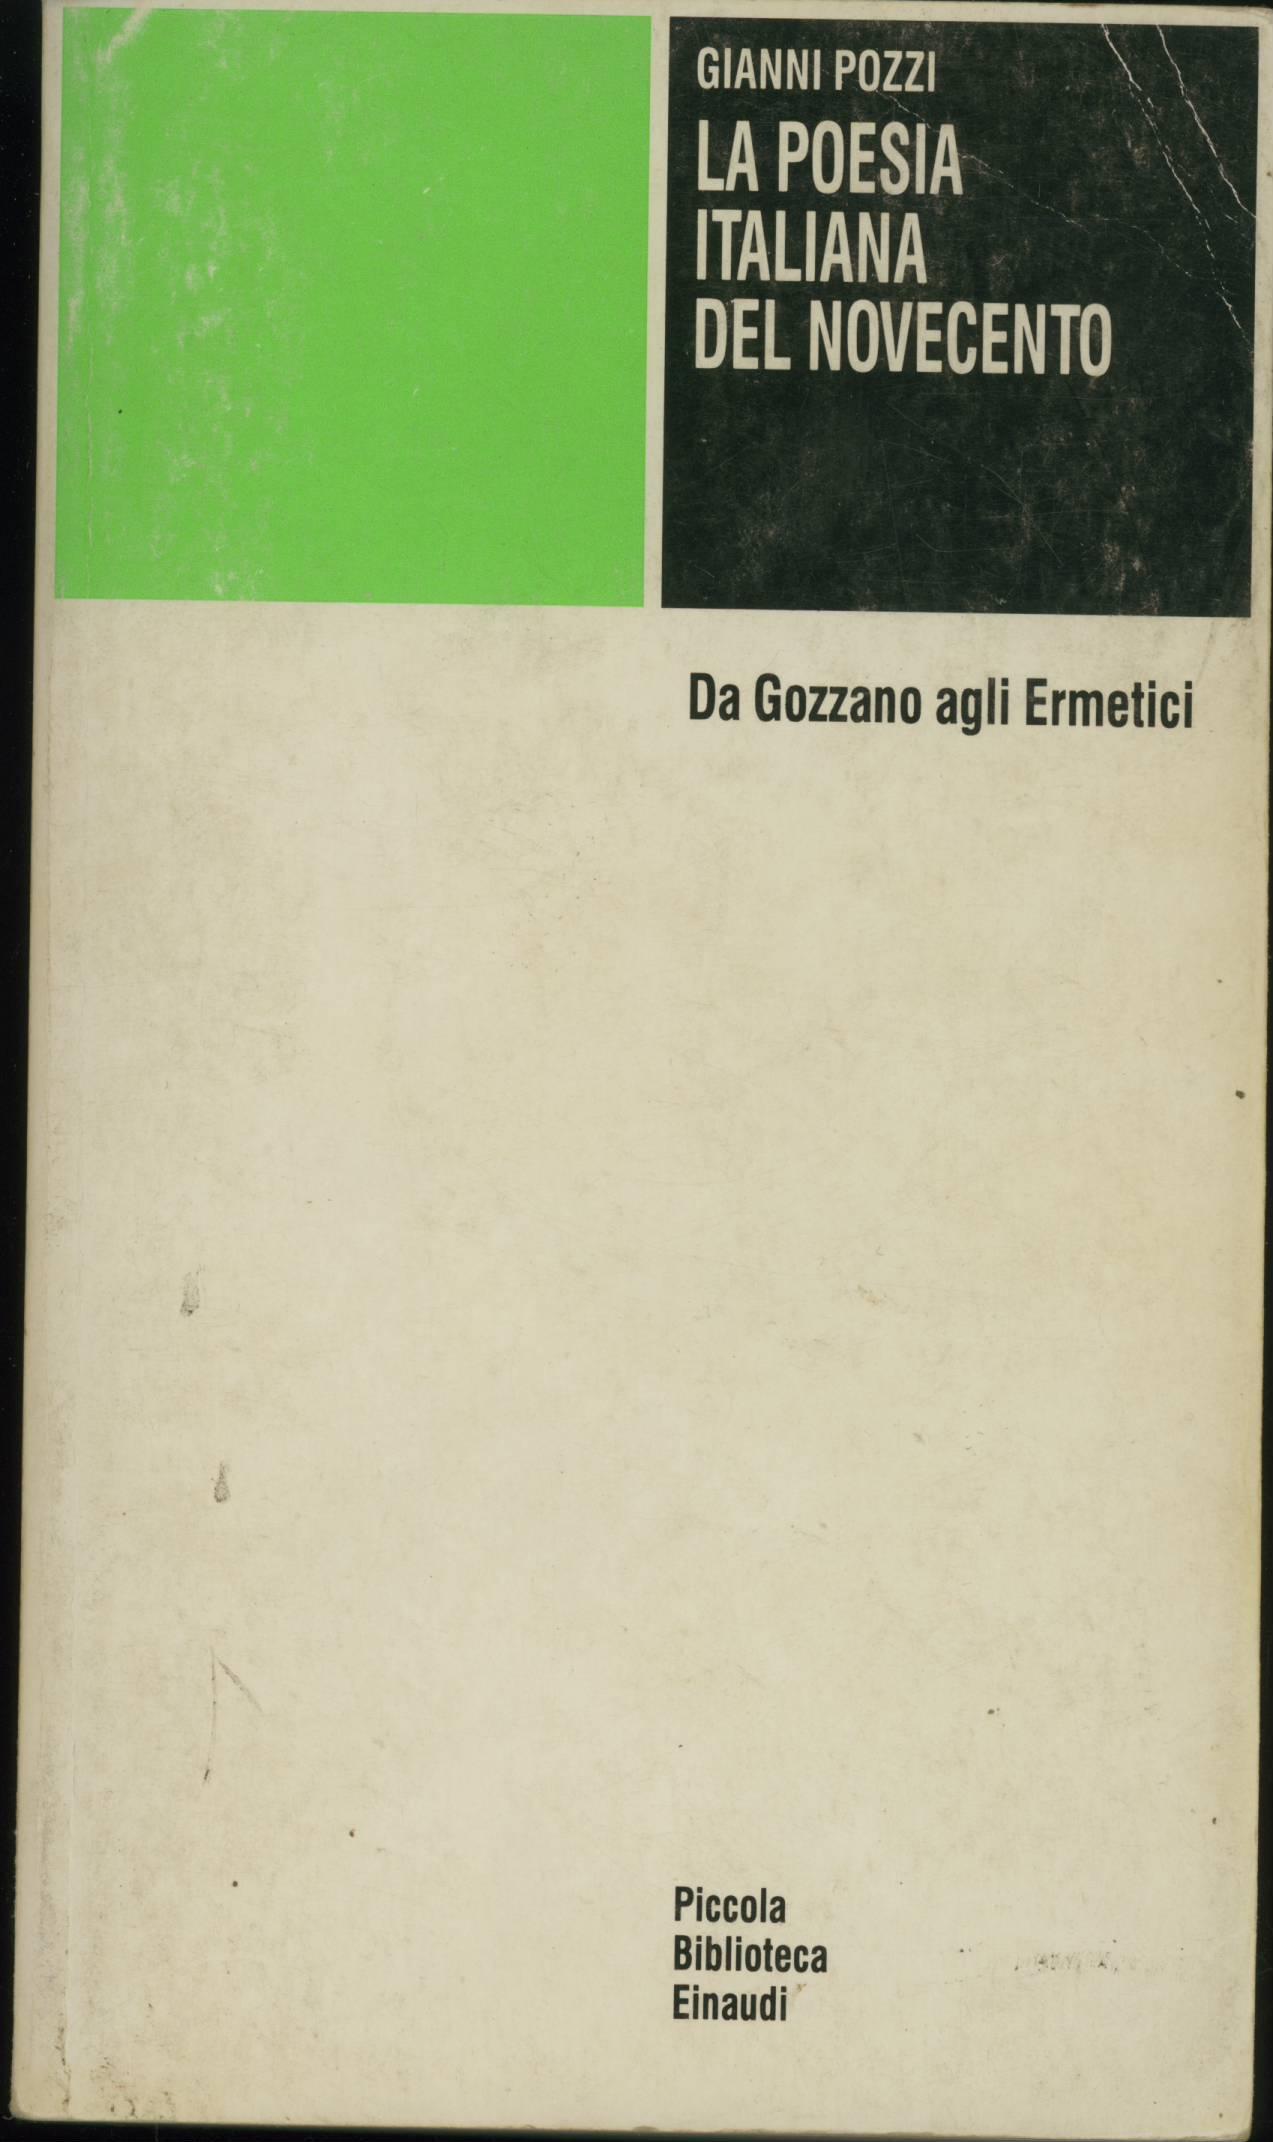 La poesia italiana del Novecento da Gozzano agli ermetici